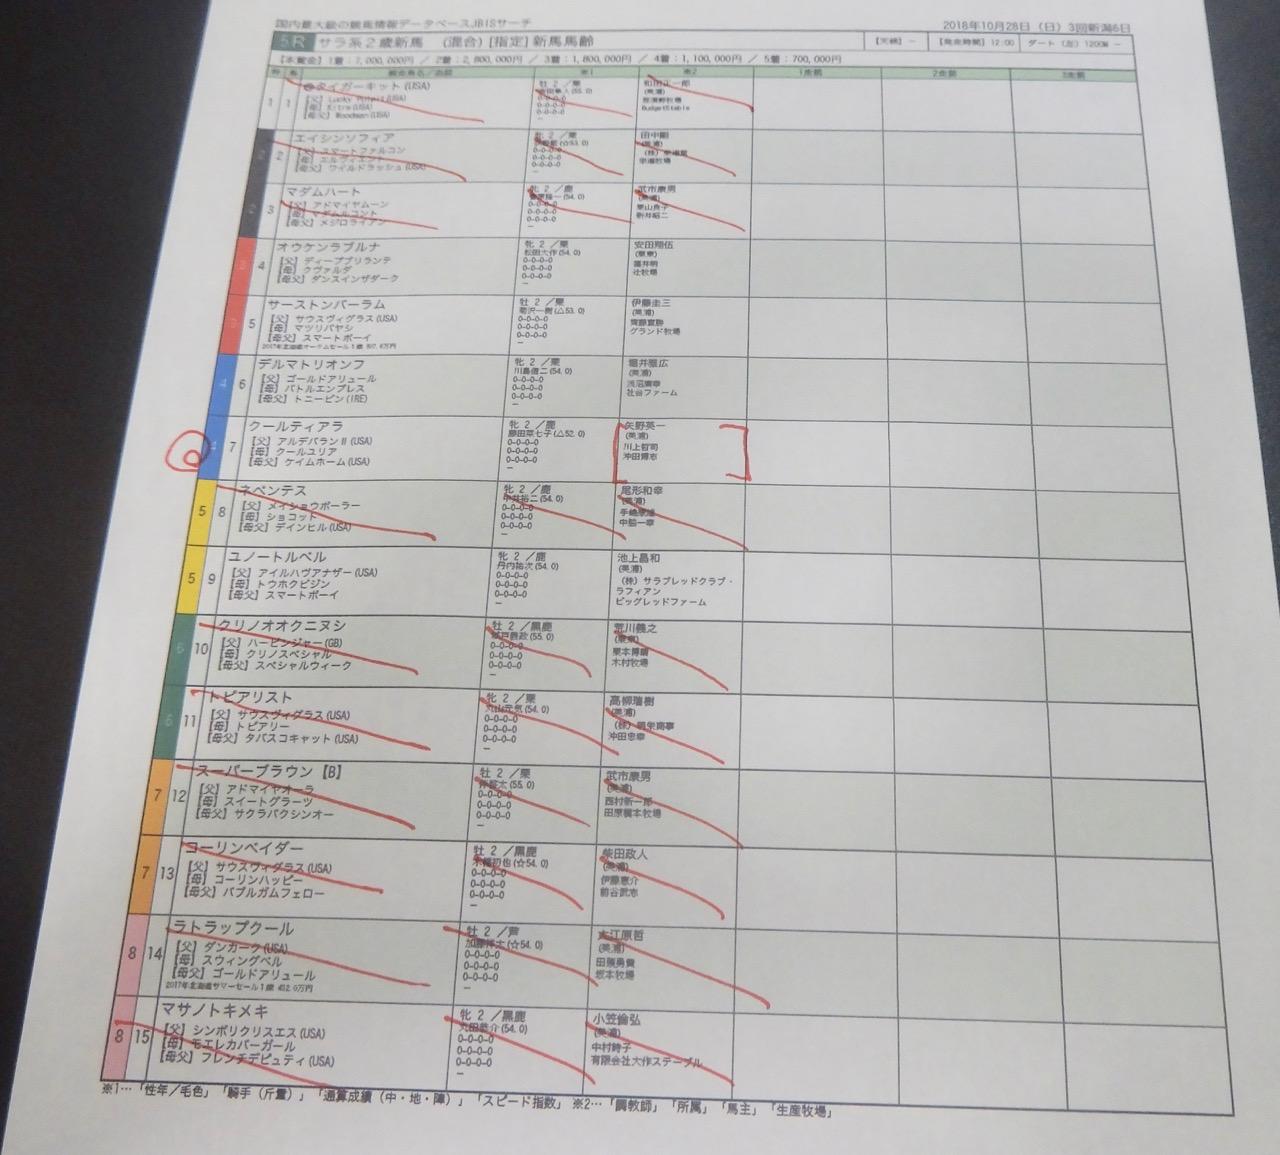 新潟5レース、2歳新馬戦(ダート1200m)競馬予想。馬券本命、アルデバランII産駒クールティアラ(藤田菜七子騎手、矢野英一厩舎)2018.10.28